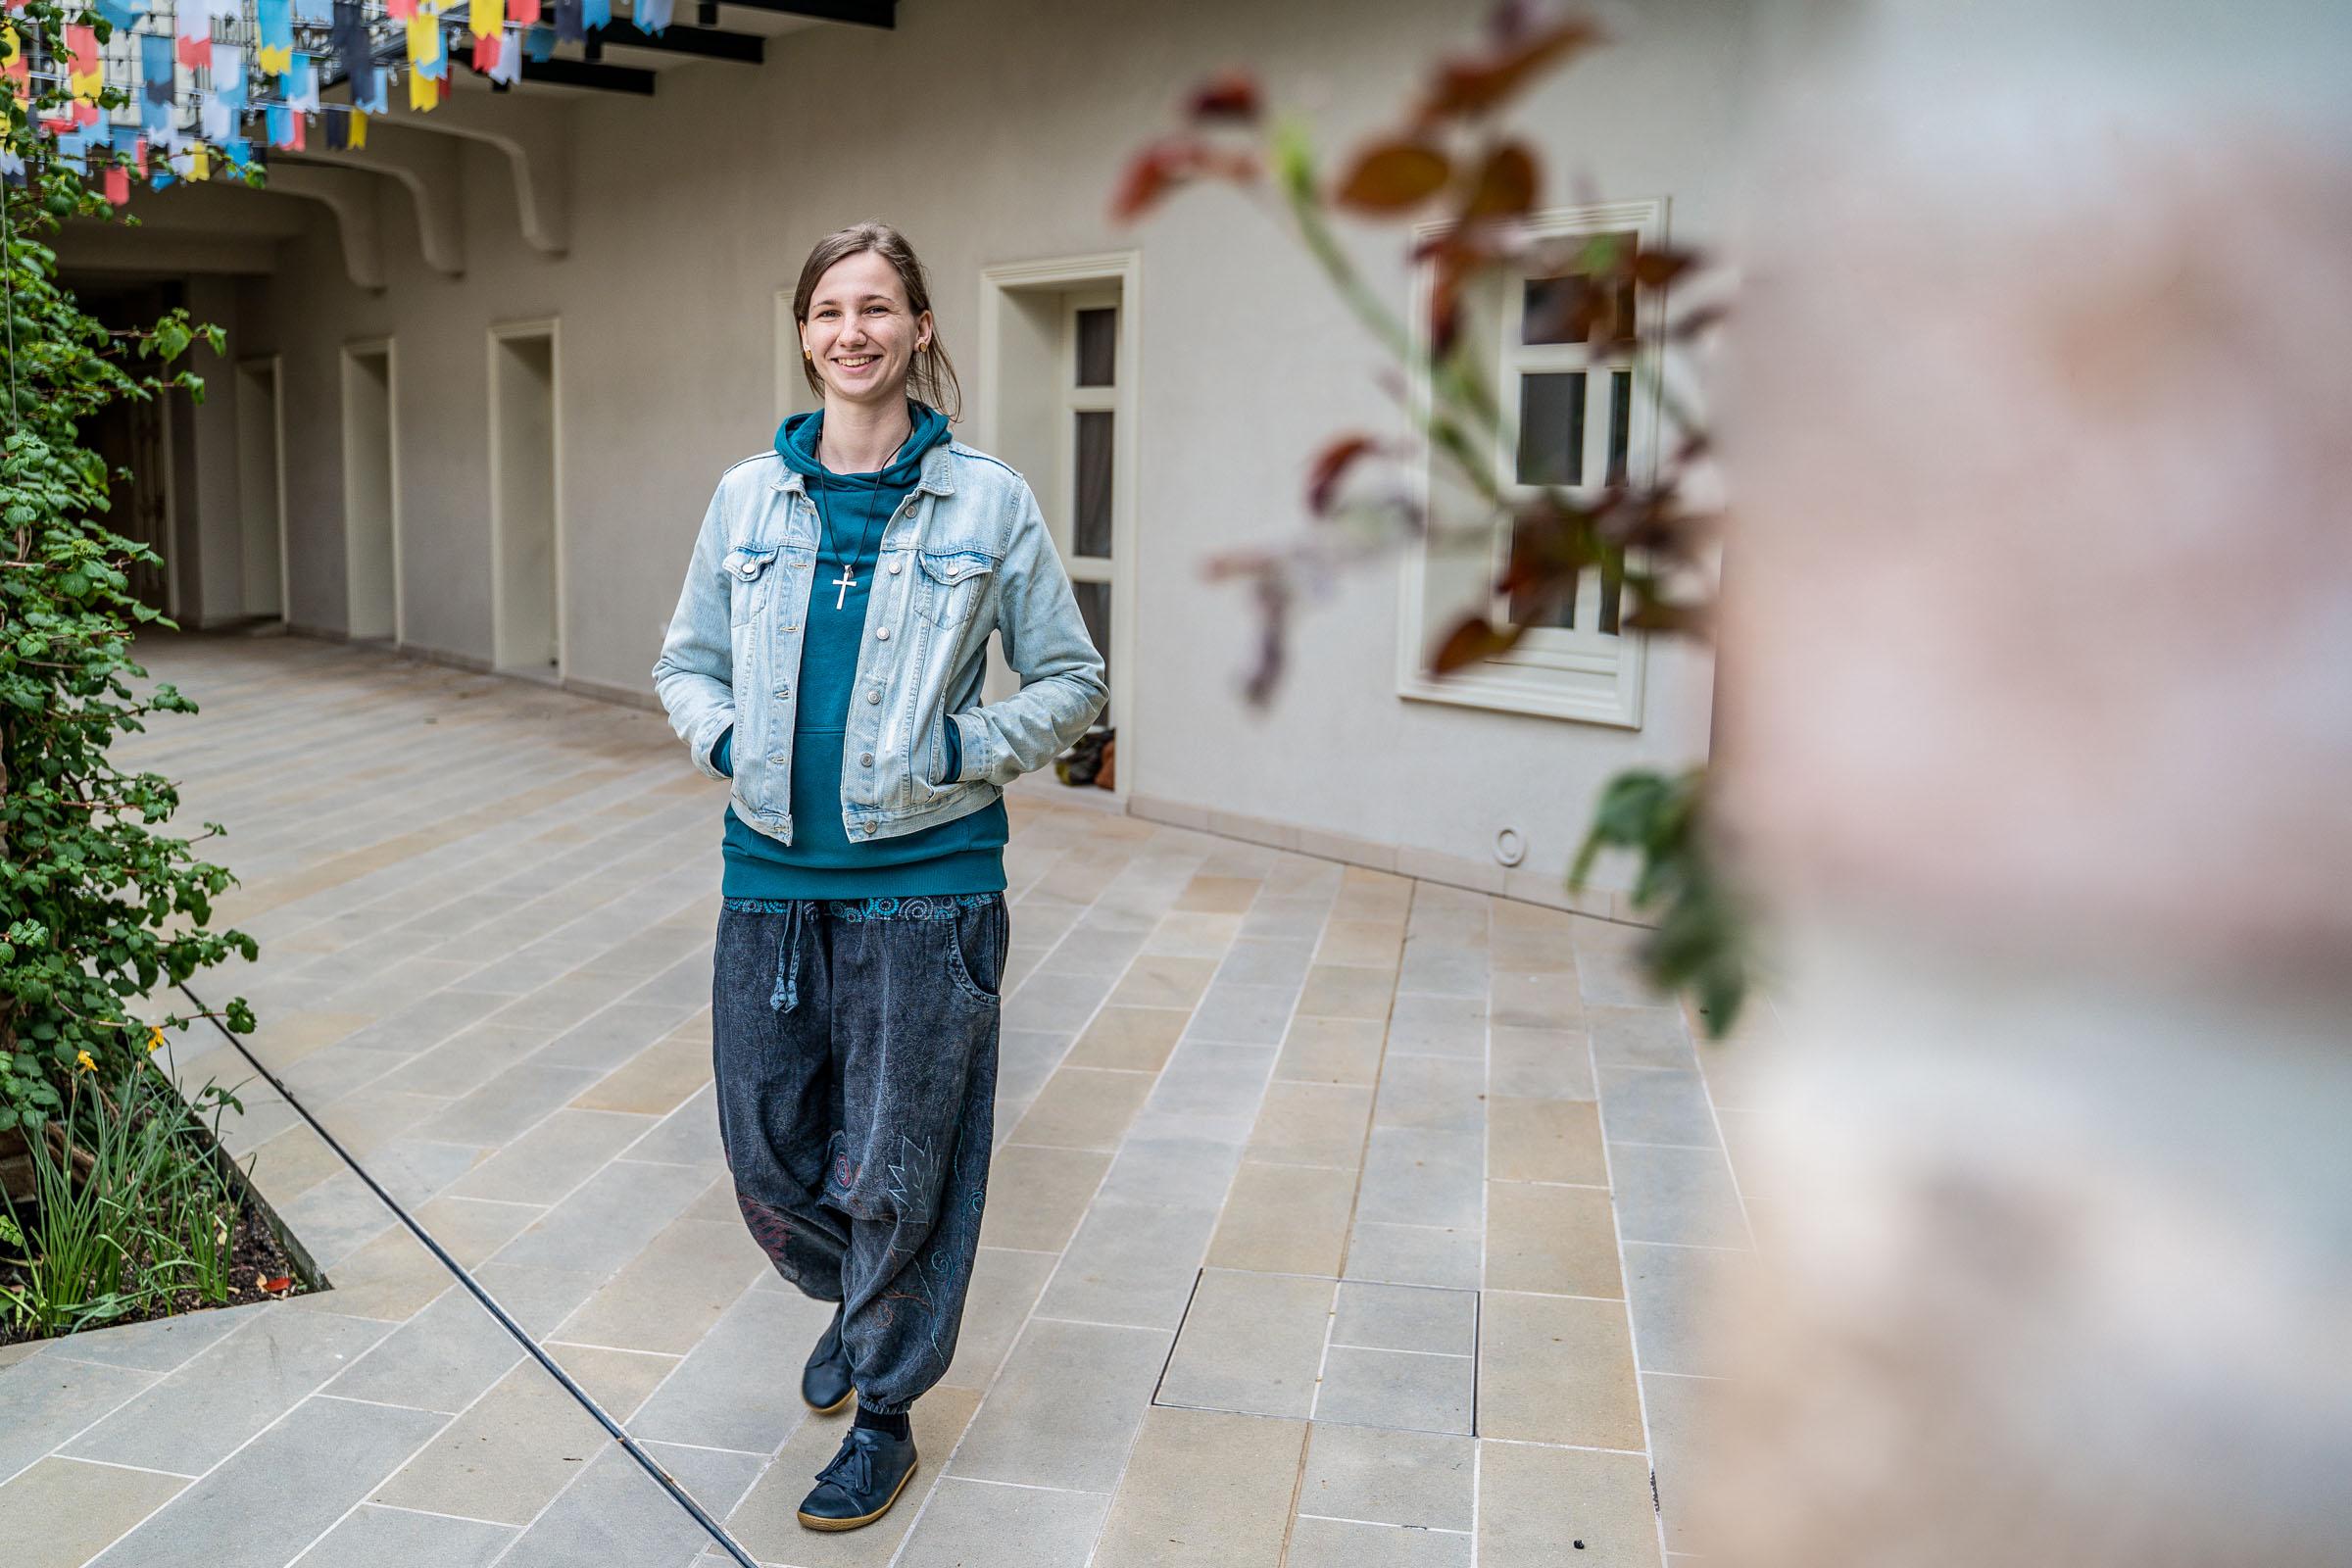 Ingrid Konigová pedagogická asistentka